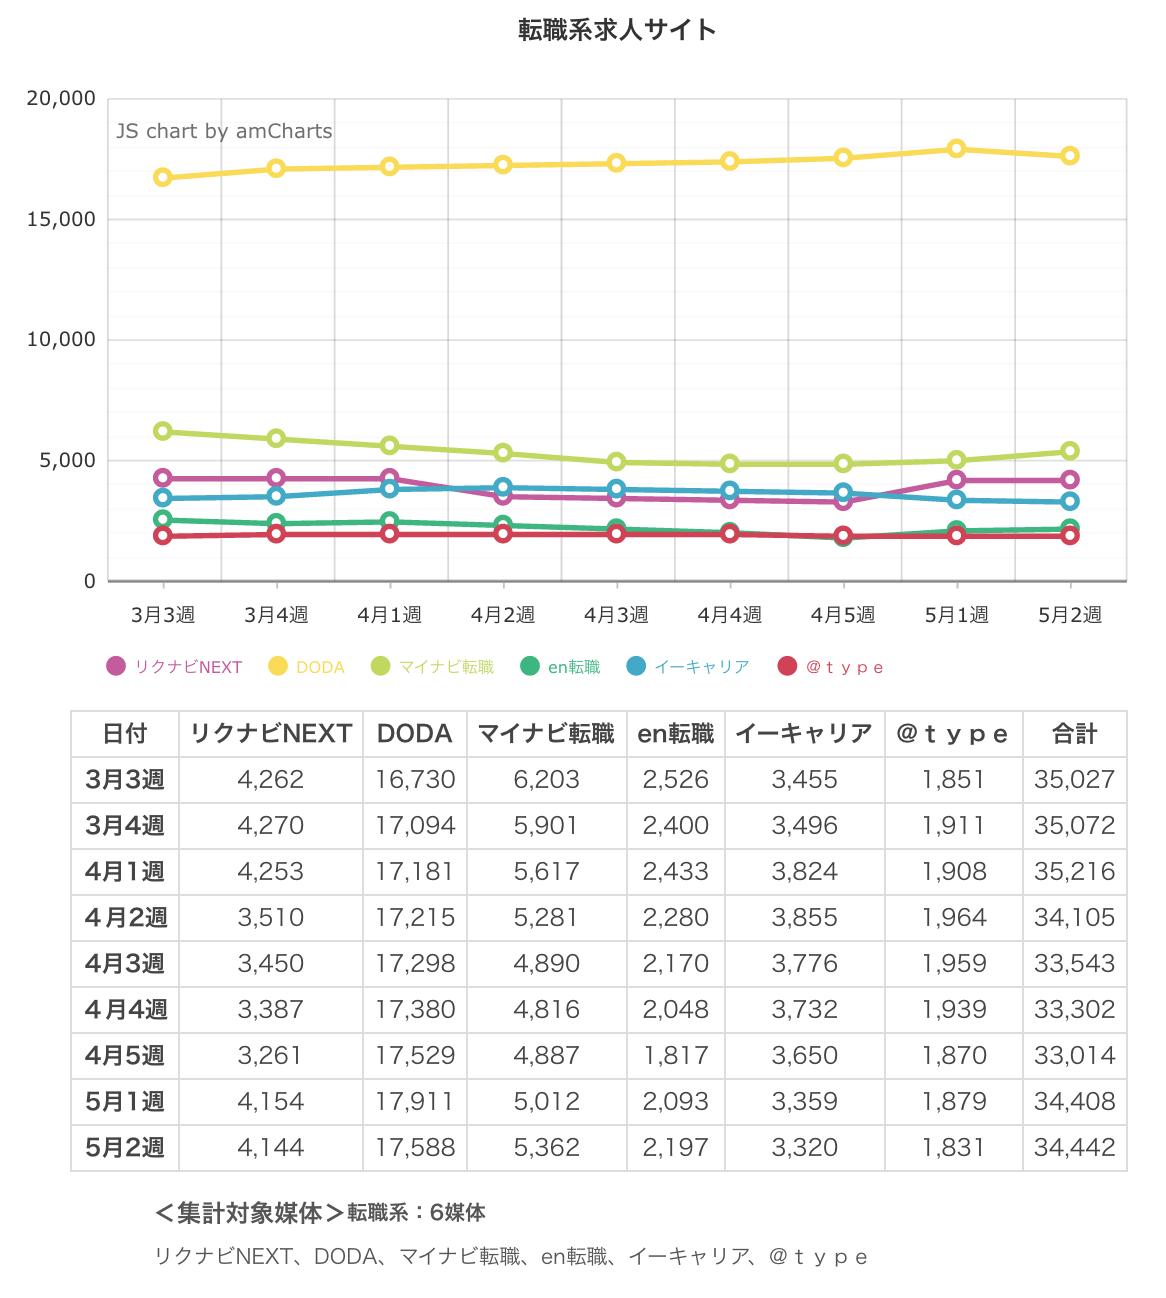 ウィークリー求人サイト掲載件数速報 2015年5月2週